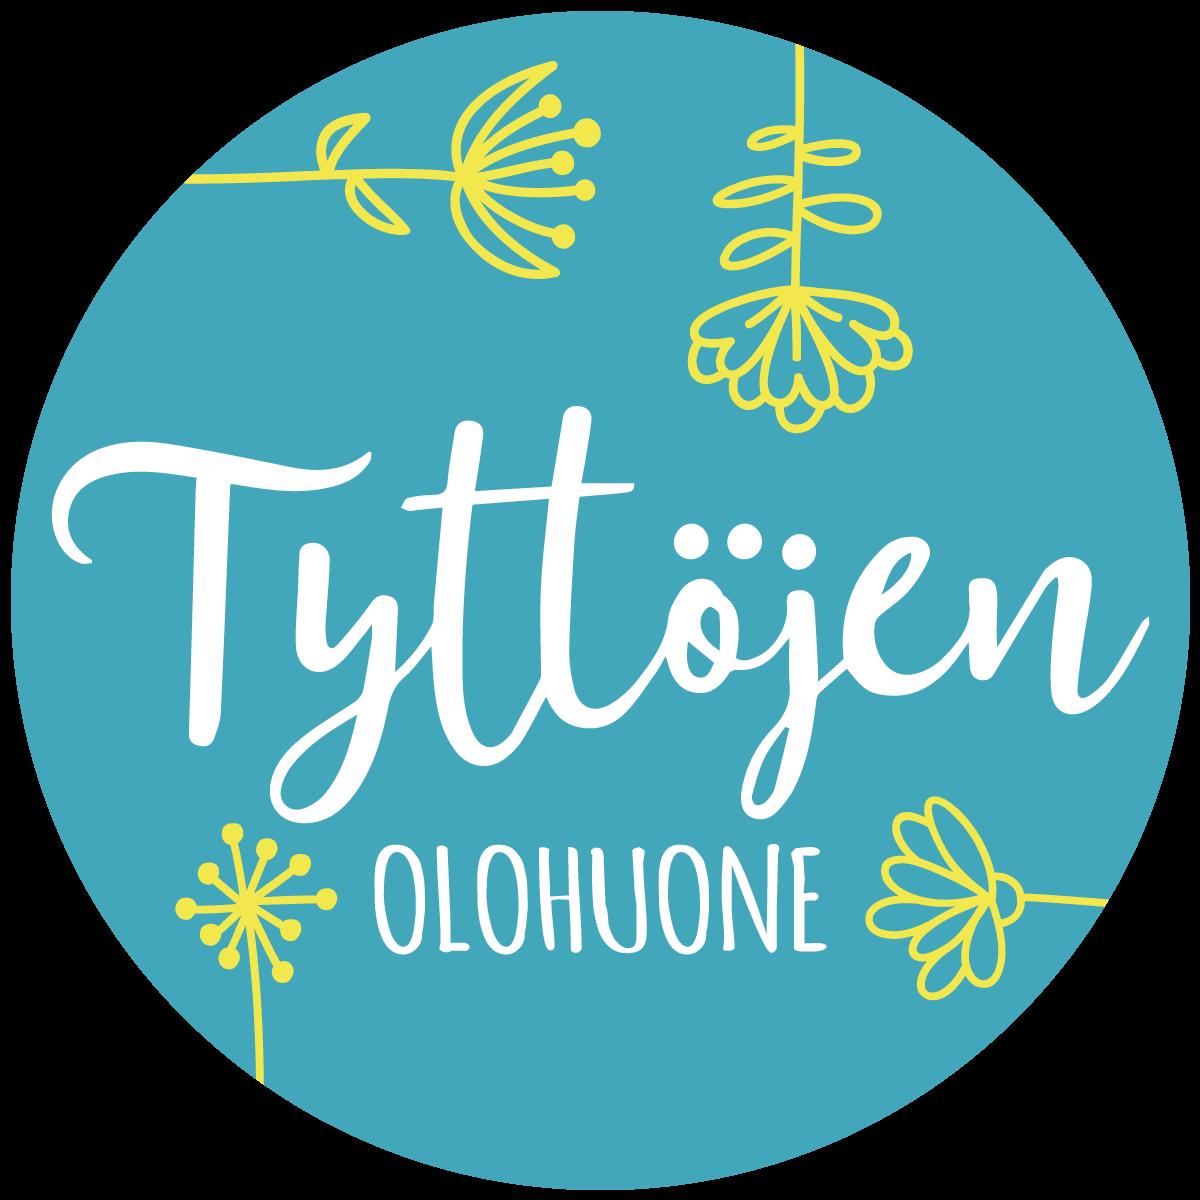 Tyttöjen olohuone/Helsingin NNKY